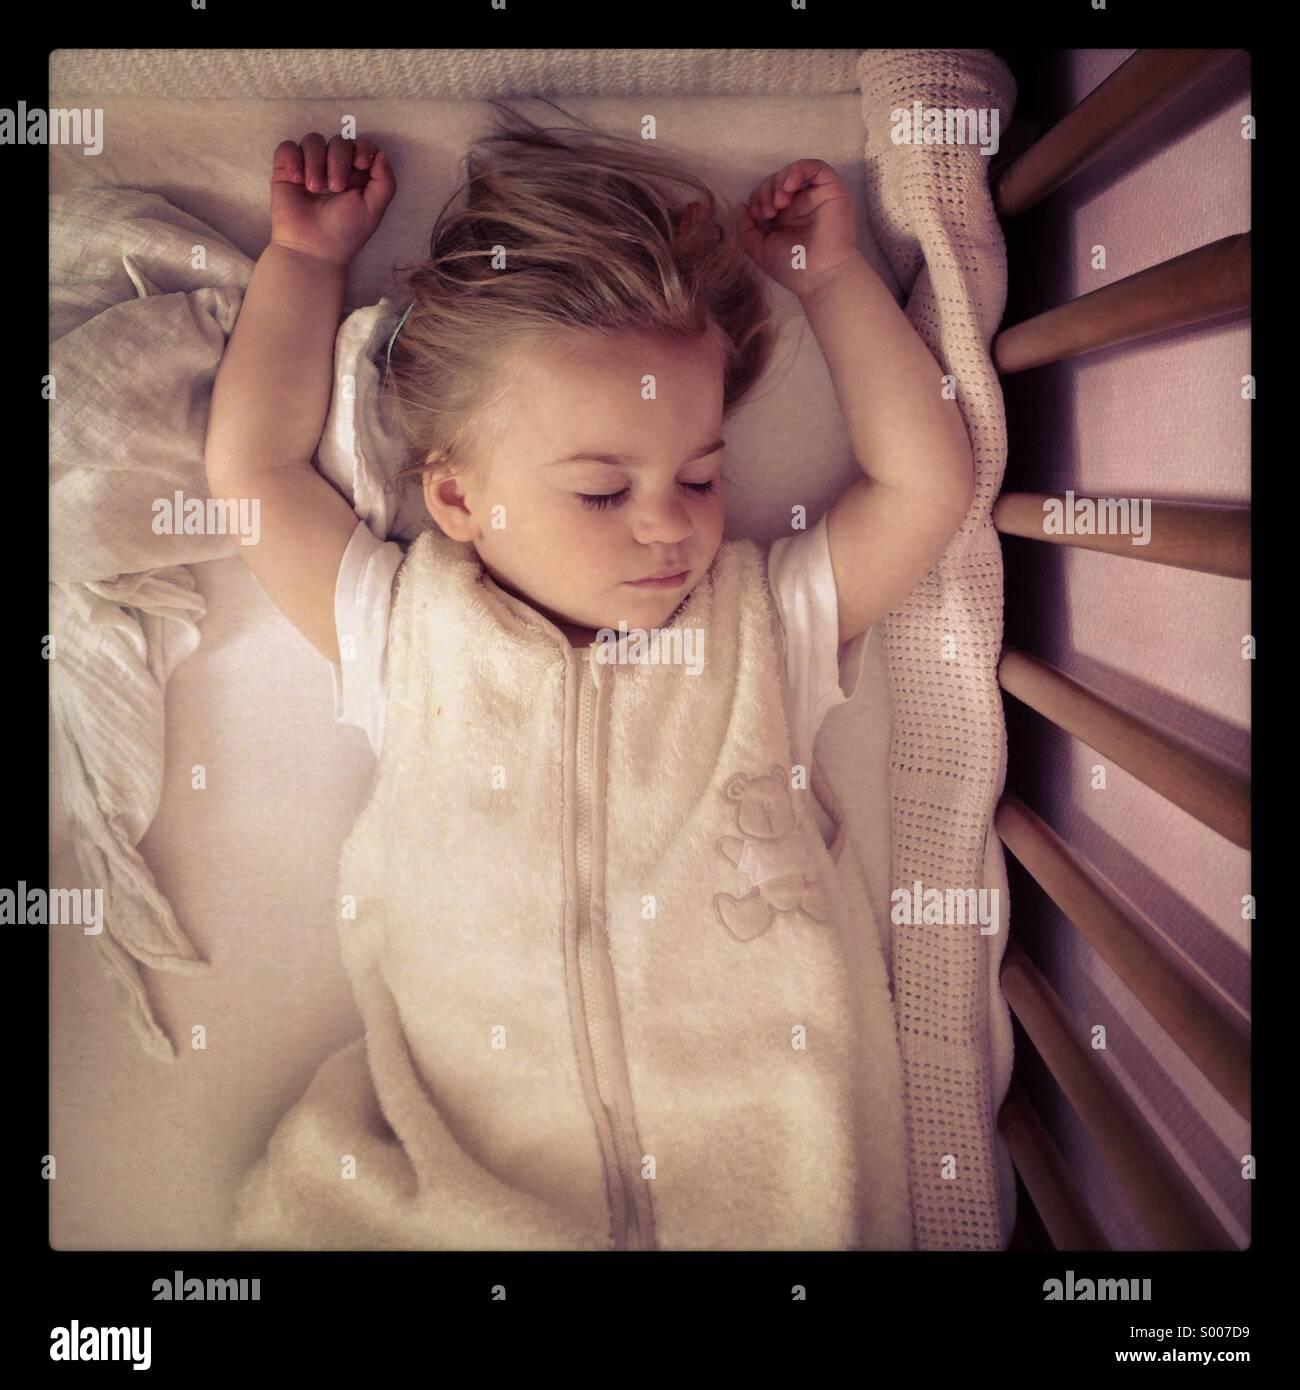 Sleeping baby - Stock Image